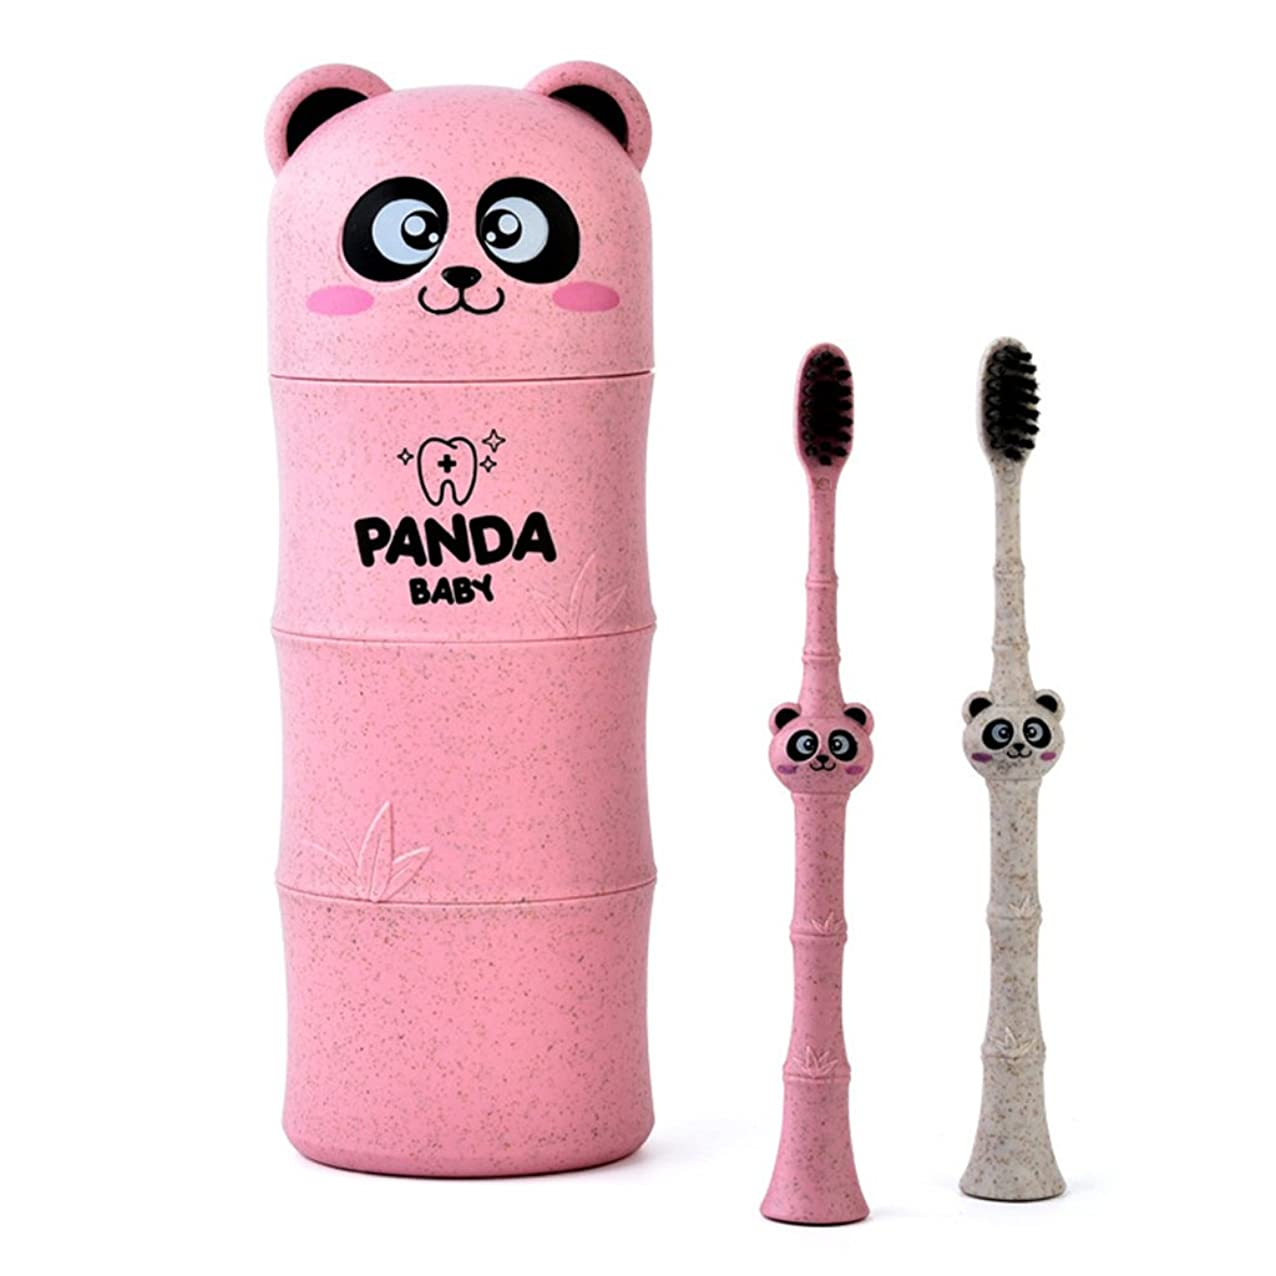 信頼性のある蒸留湿原Manyao 1セットベビー歯ブラシ小麦ストロー漫画パンダ幼児子供歯科口腔ケア (ピンク)